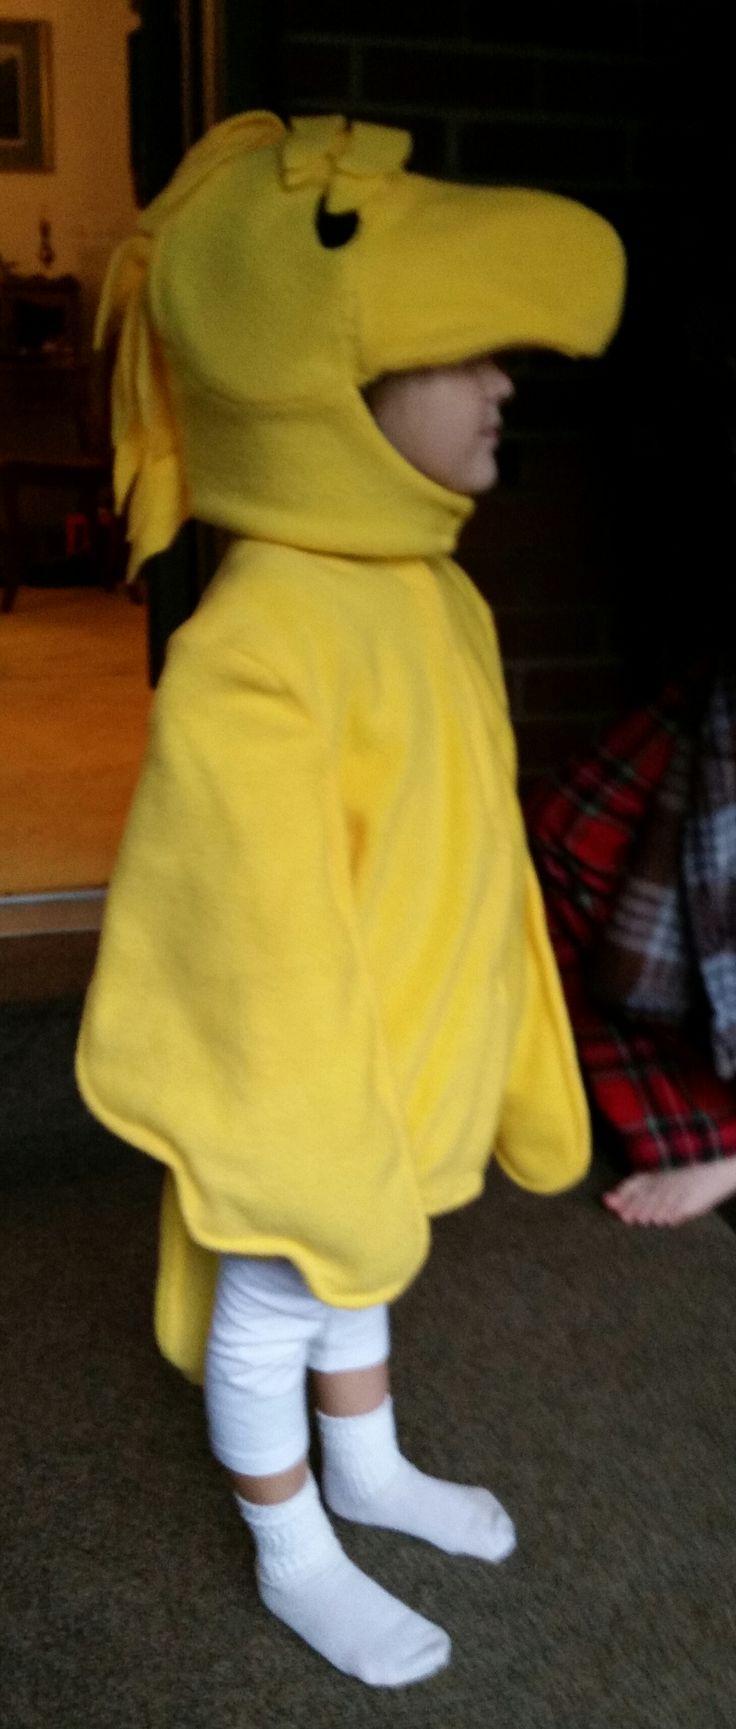 Woodstock costume